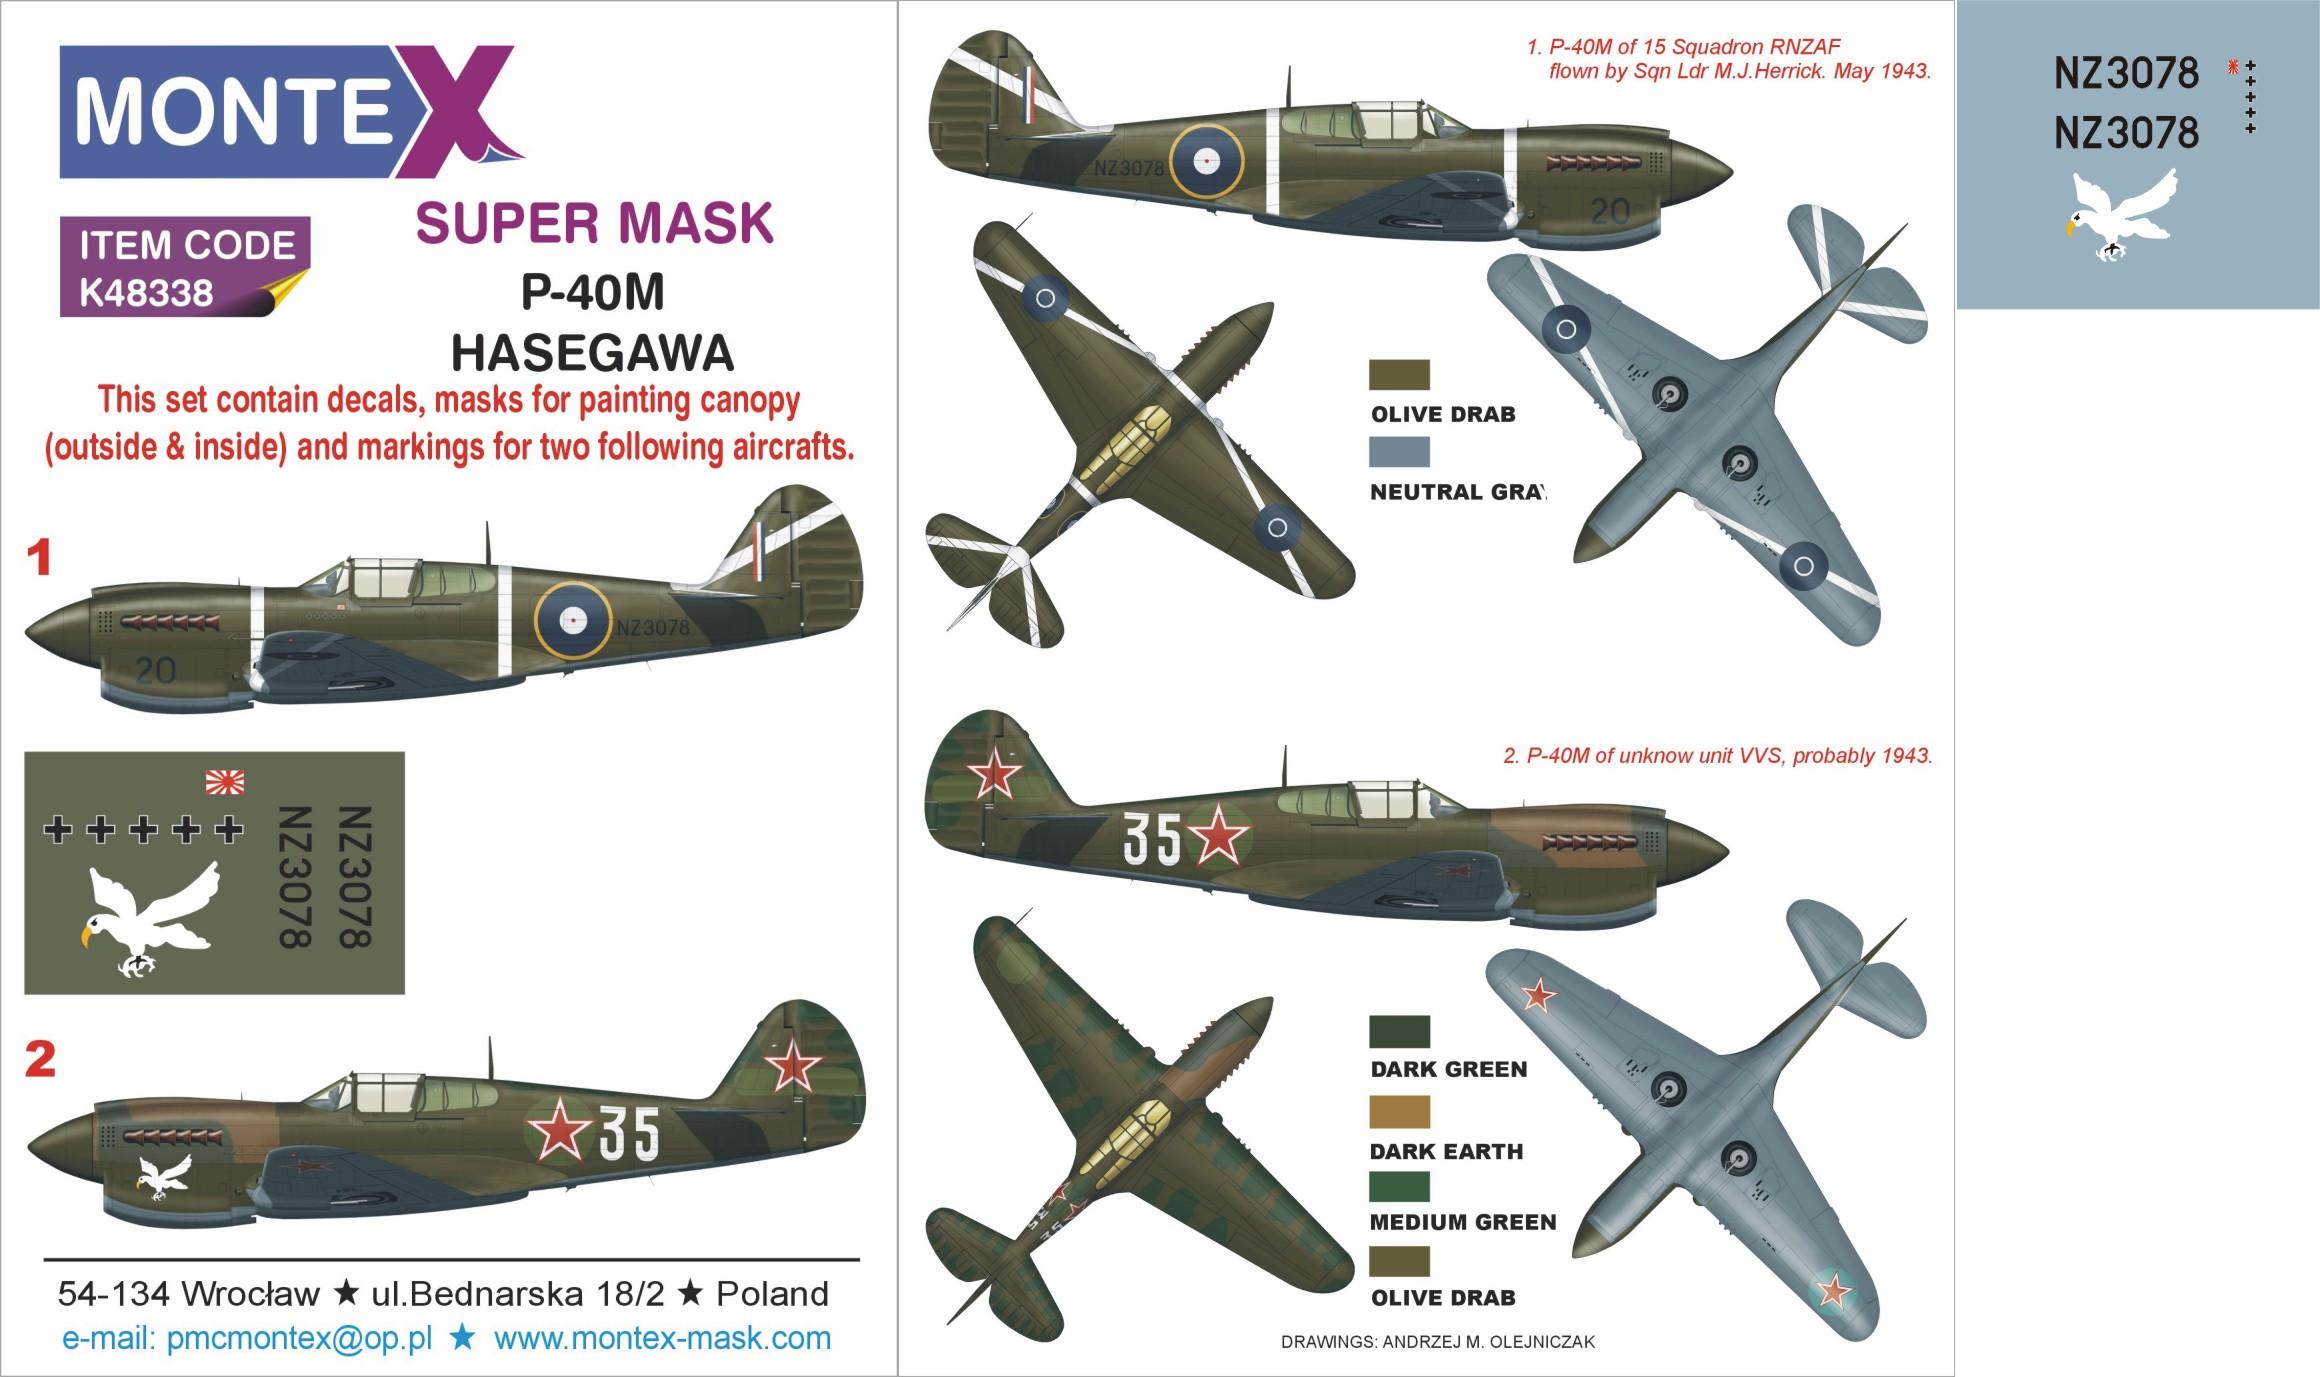 MXK48338